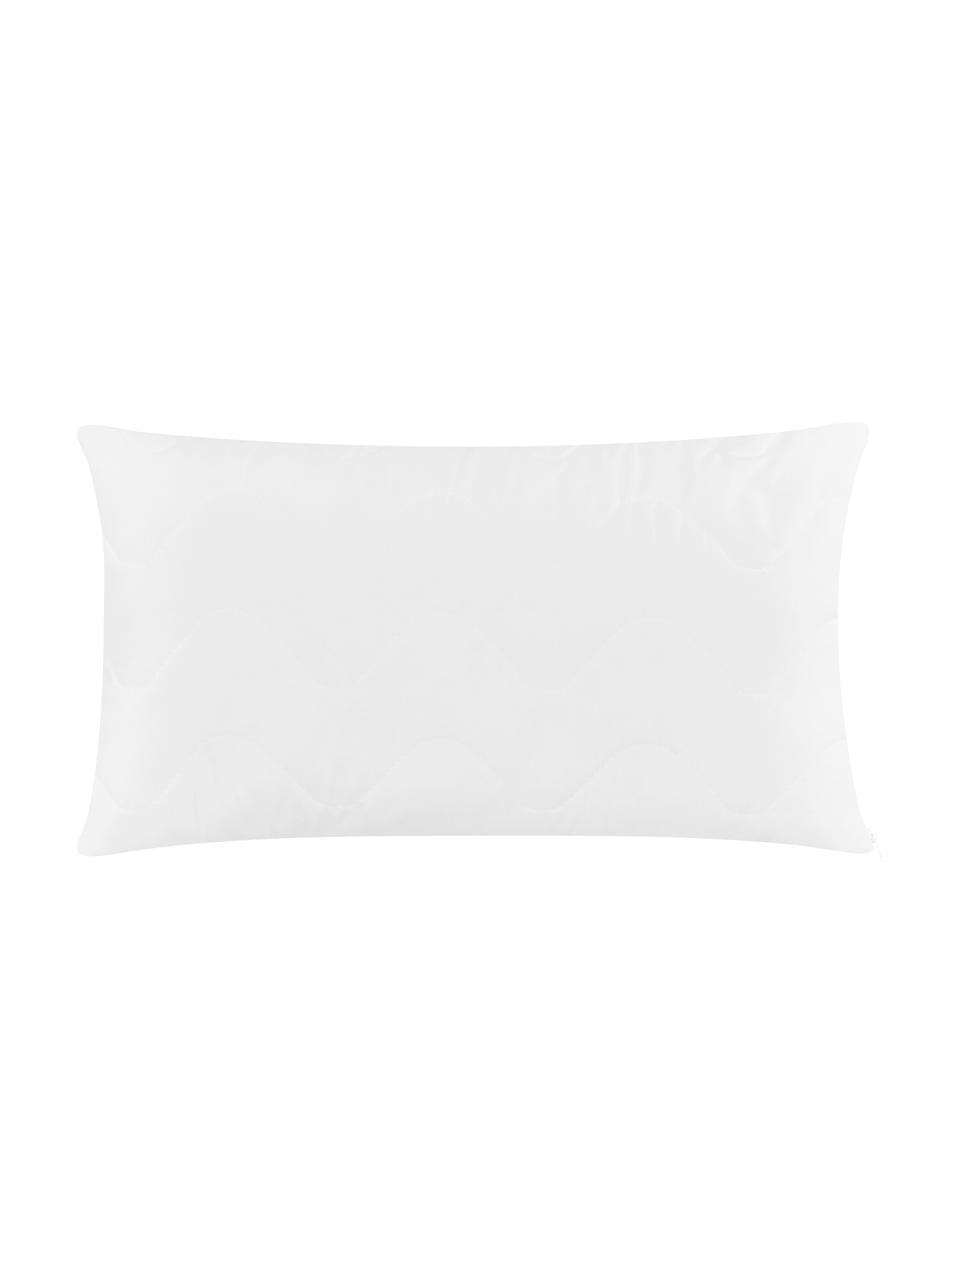 Premium Kissen-Inlett Sia, 30x50, Microfaser-Füllung, Hülle: 100% Polyester, wattiert, Weiß, 30 x 50 cm